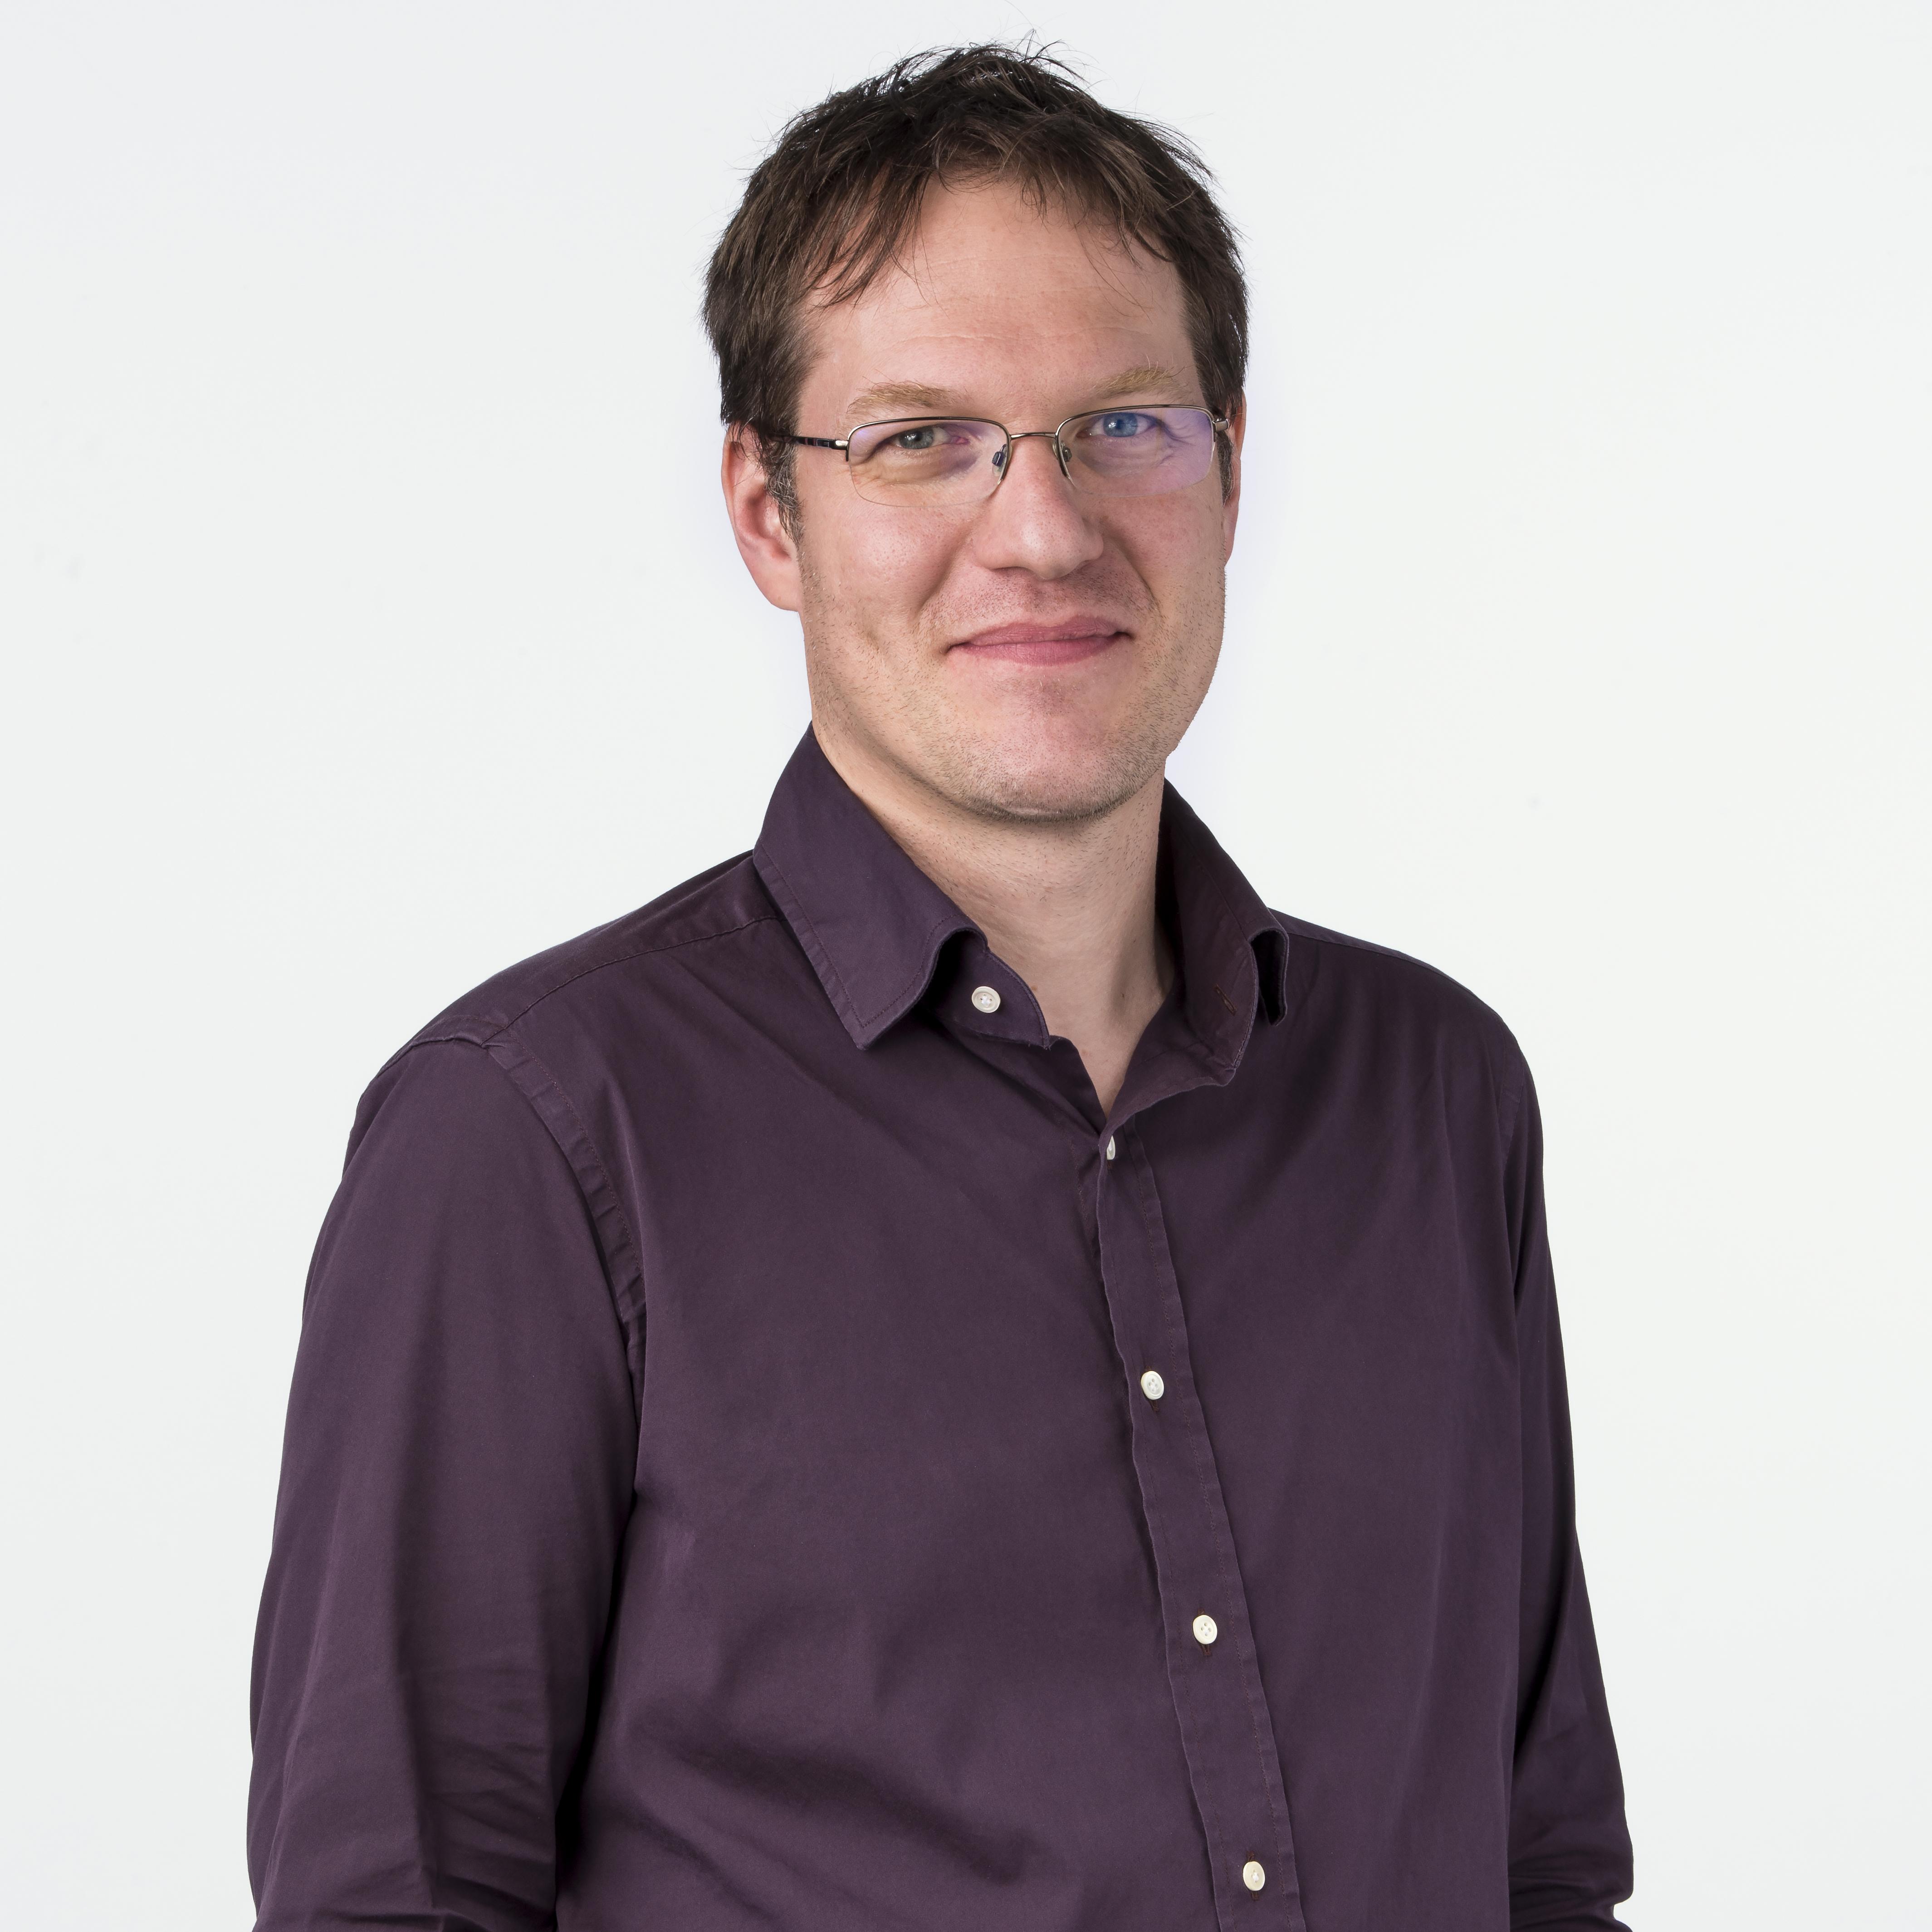 Thomas De Decker